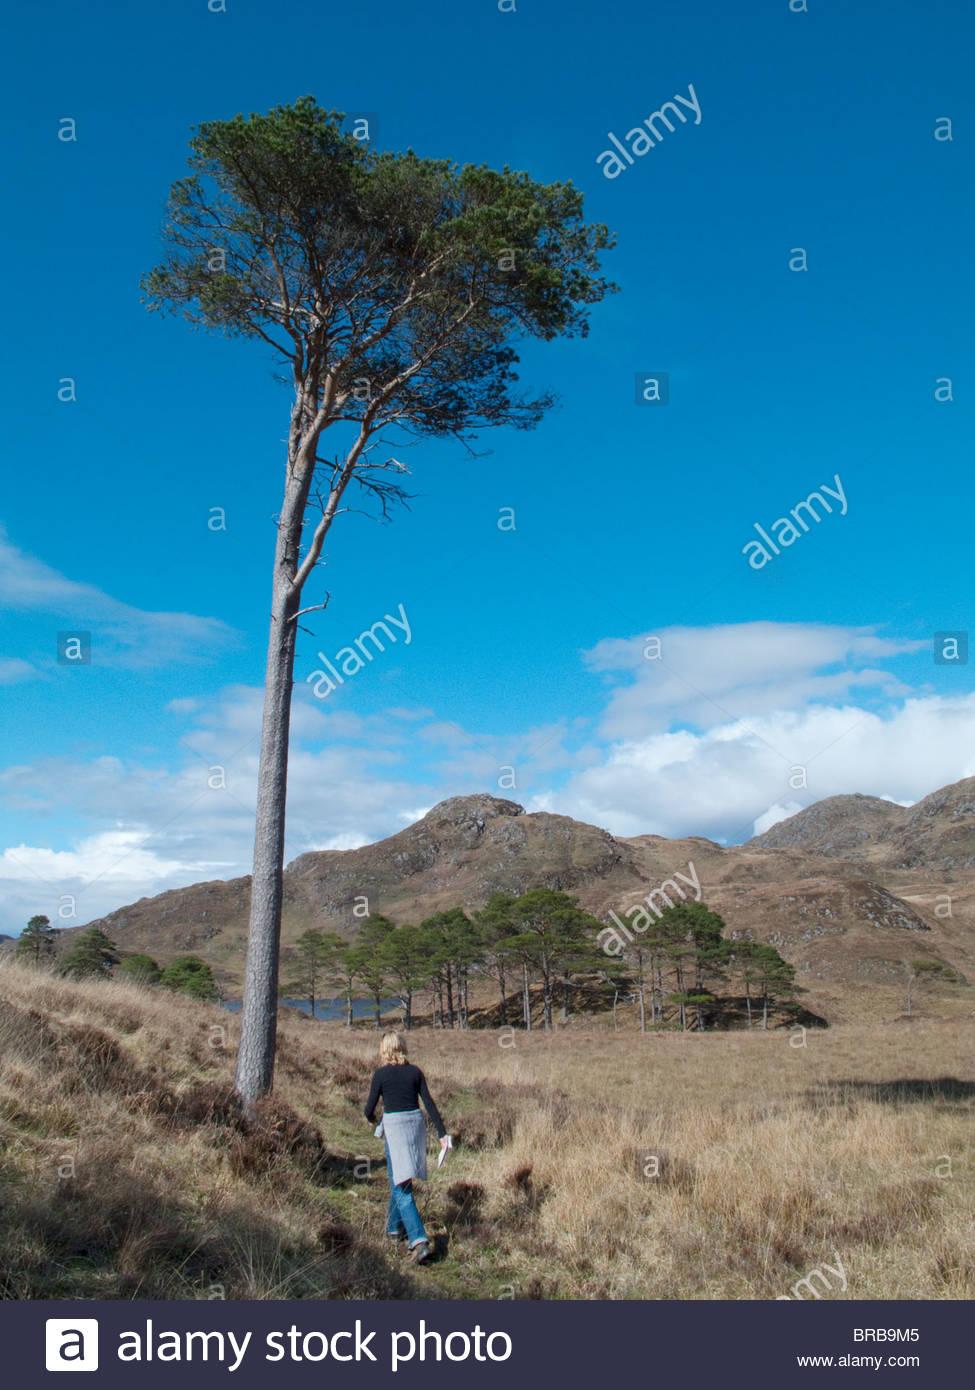 Escursionista escursionismo passato albero nel campo remoto sotto il cielo blu Immagini Stock